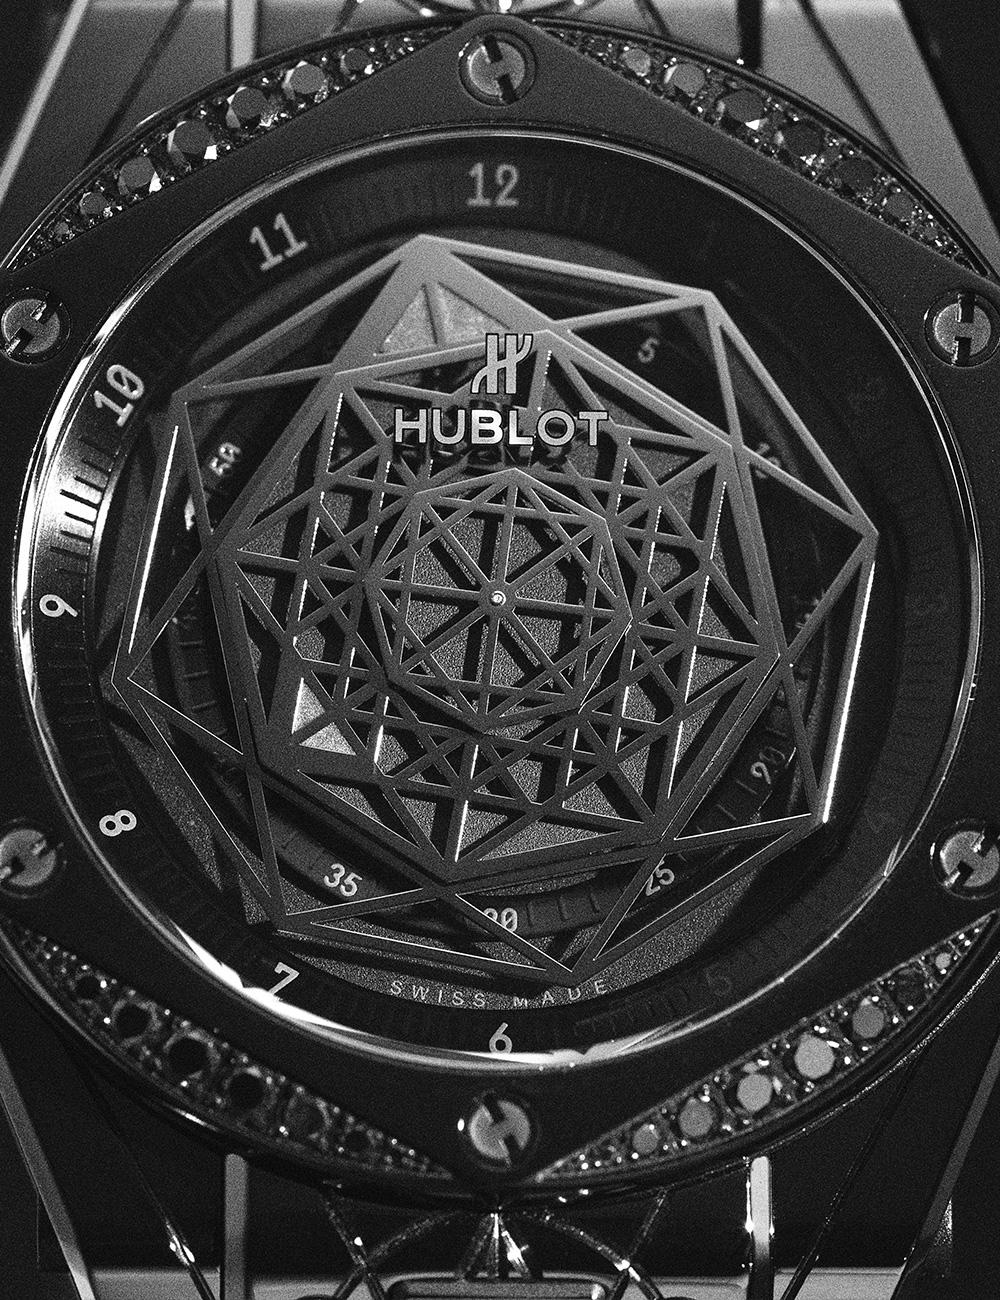 HUBLOT빅뱅 원 클릭 상블루 올 블랙 다이아몬즈 2300만원대.